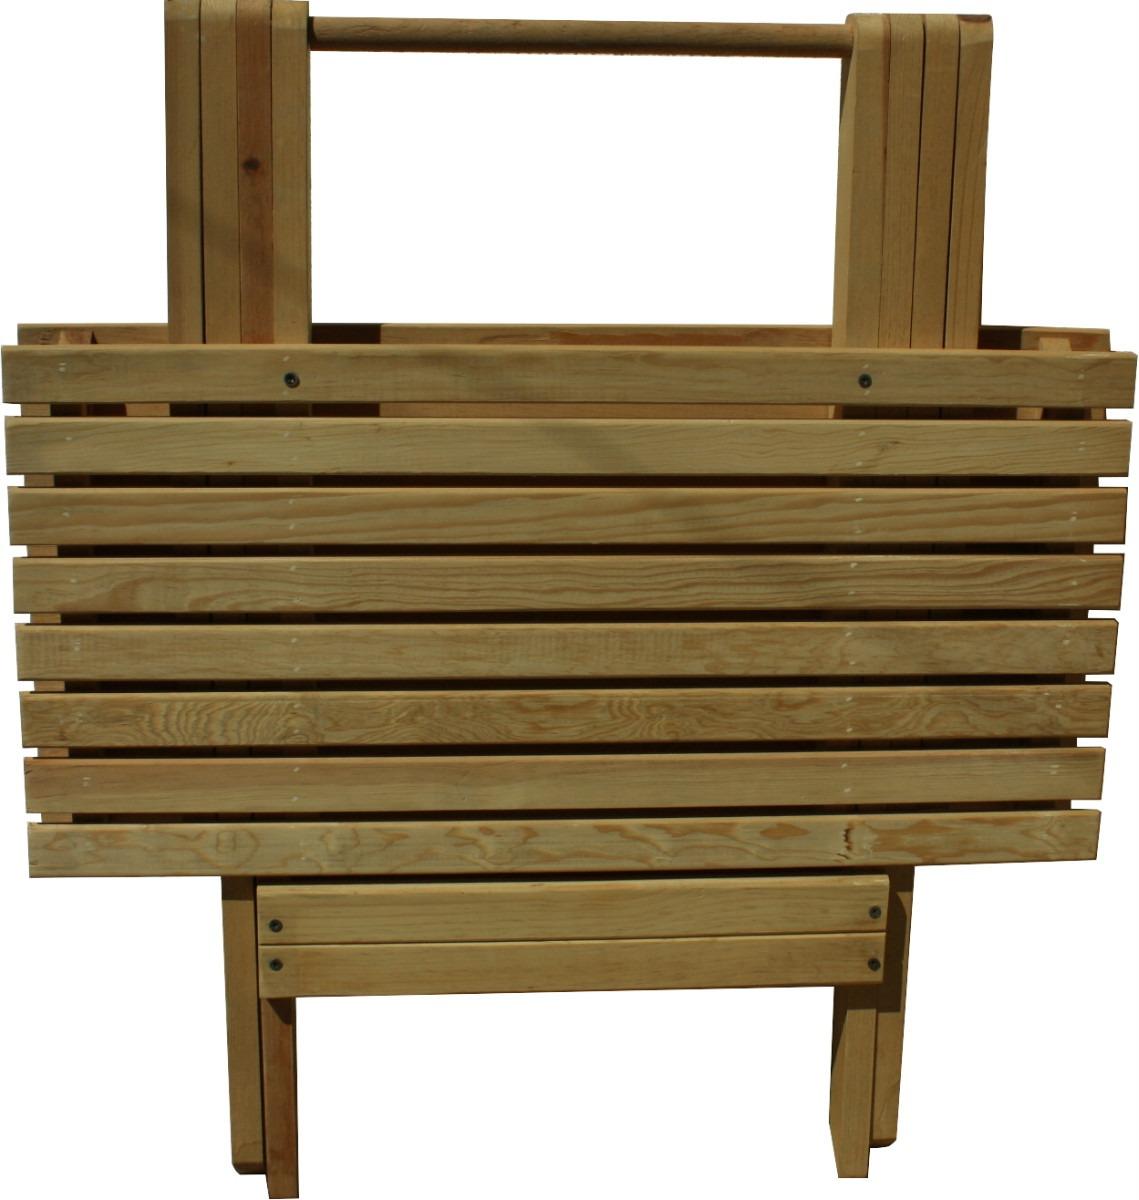 Mesas plegables madera muebles de madera para jardin for Muebles de madera para jardin